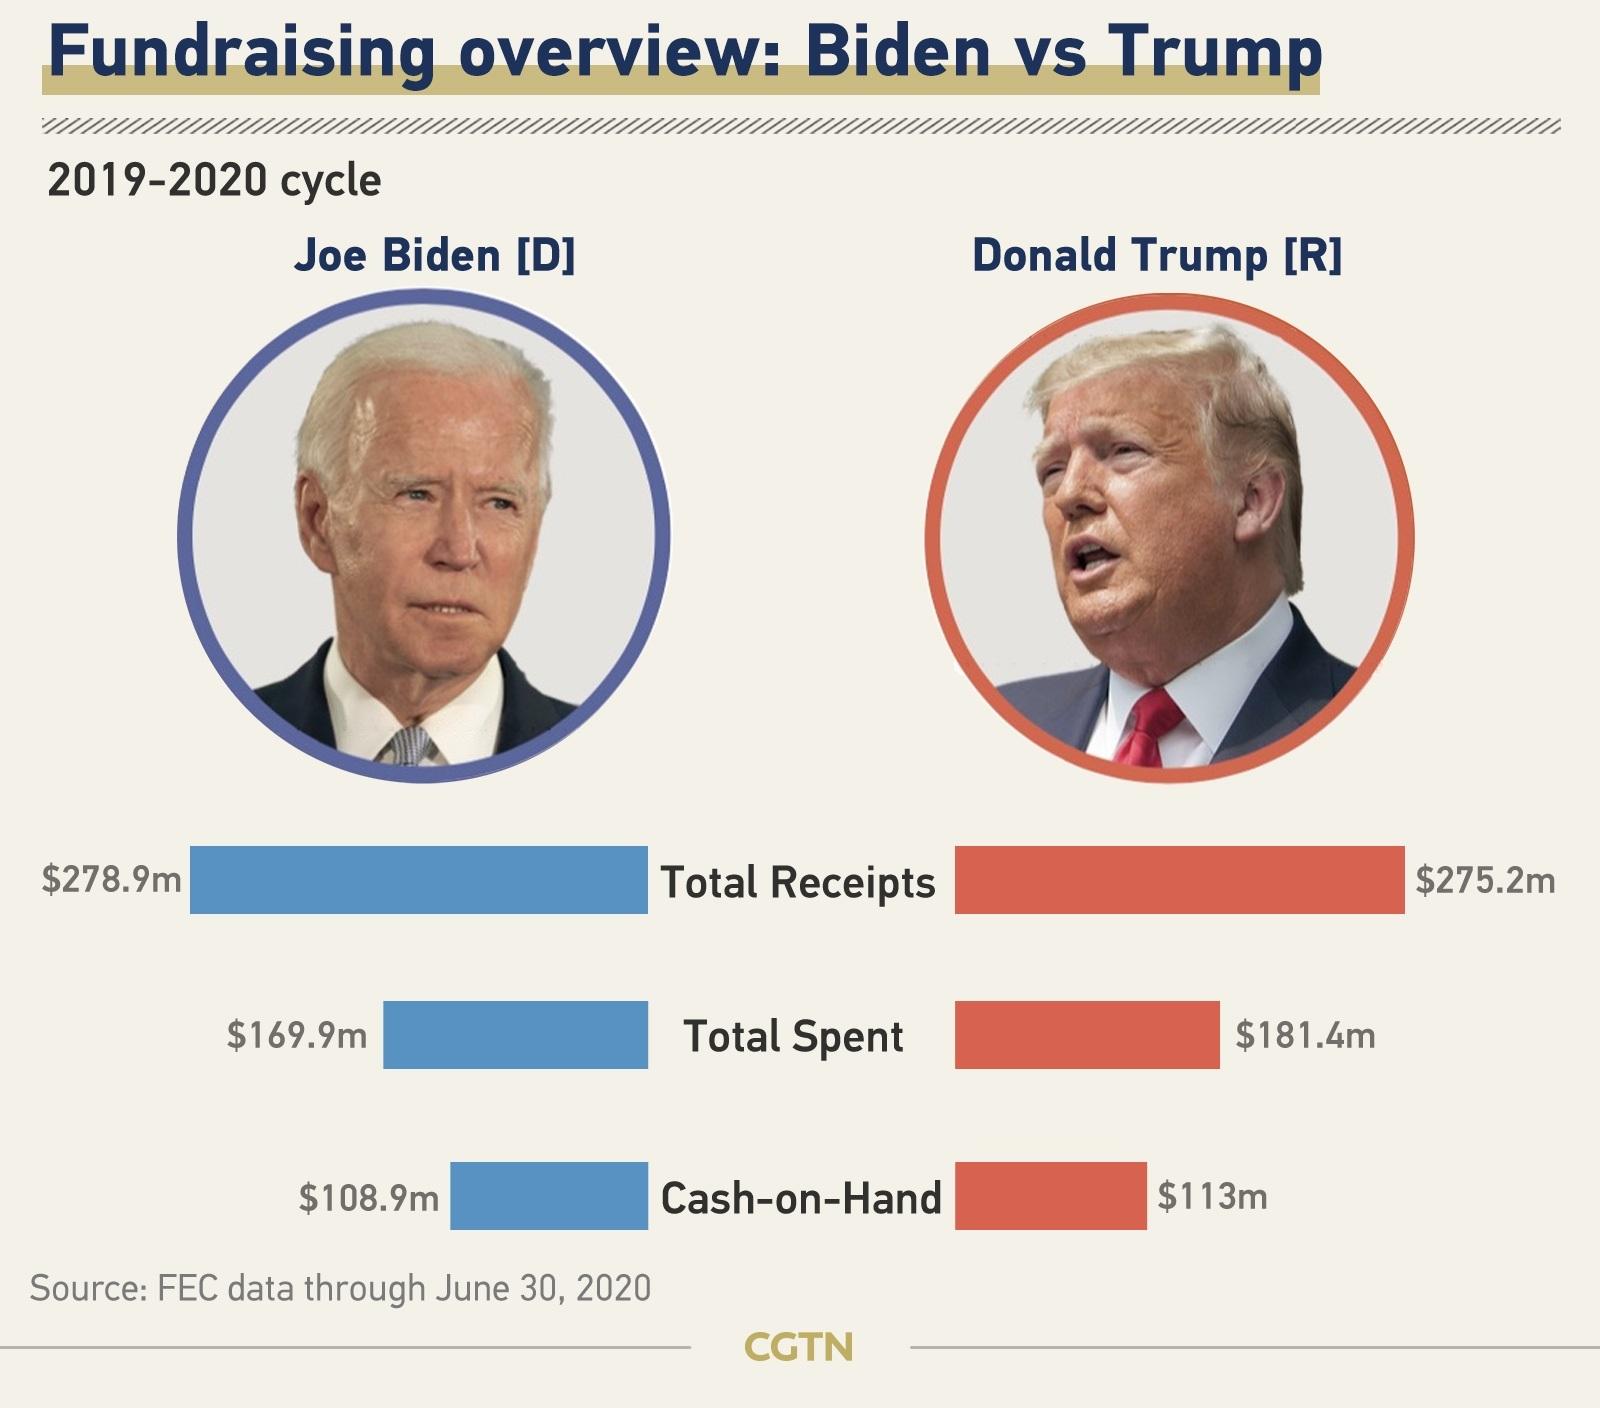 انتخابات | رکورد سرمایهگذاریهای تبلیغاتی درانتخابات ۲۰۲۰ آمریکاشکست